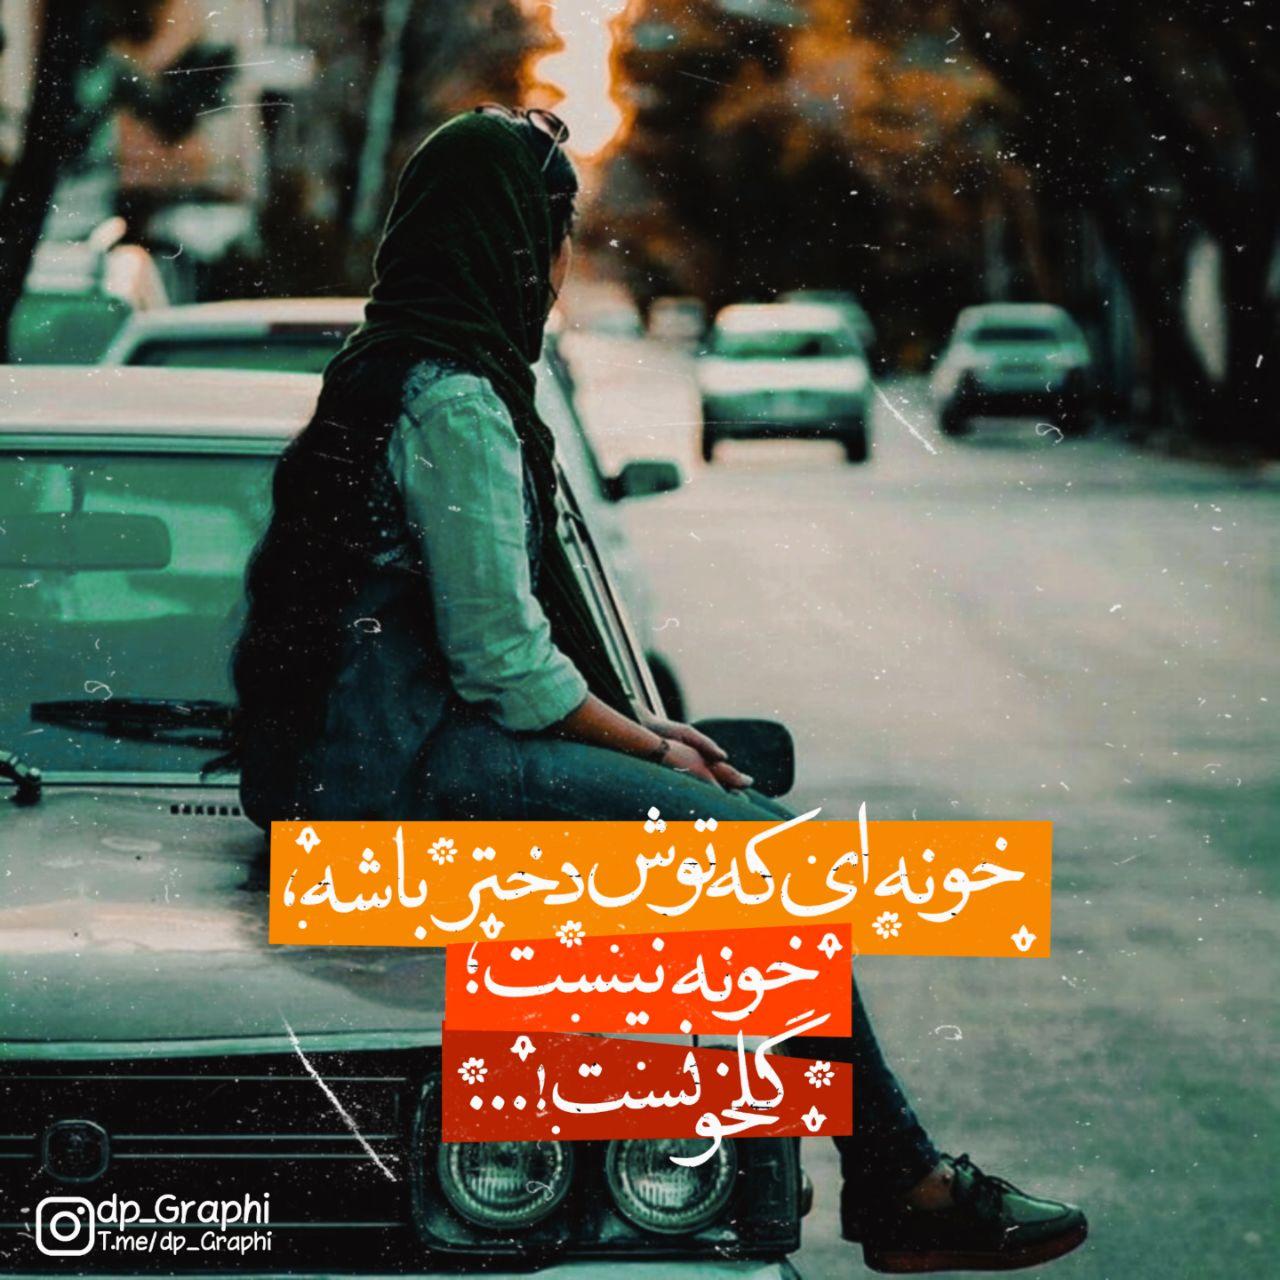 برترینها متن نگار فاطمه داستان پور ~ dp_Graphi ✅